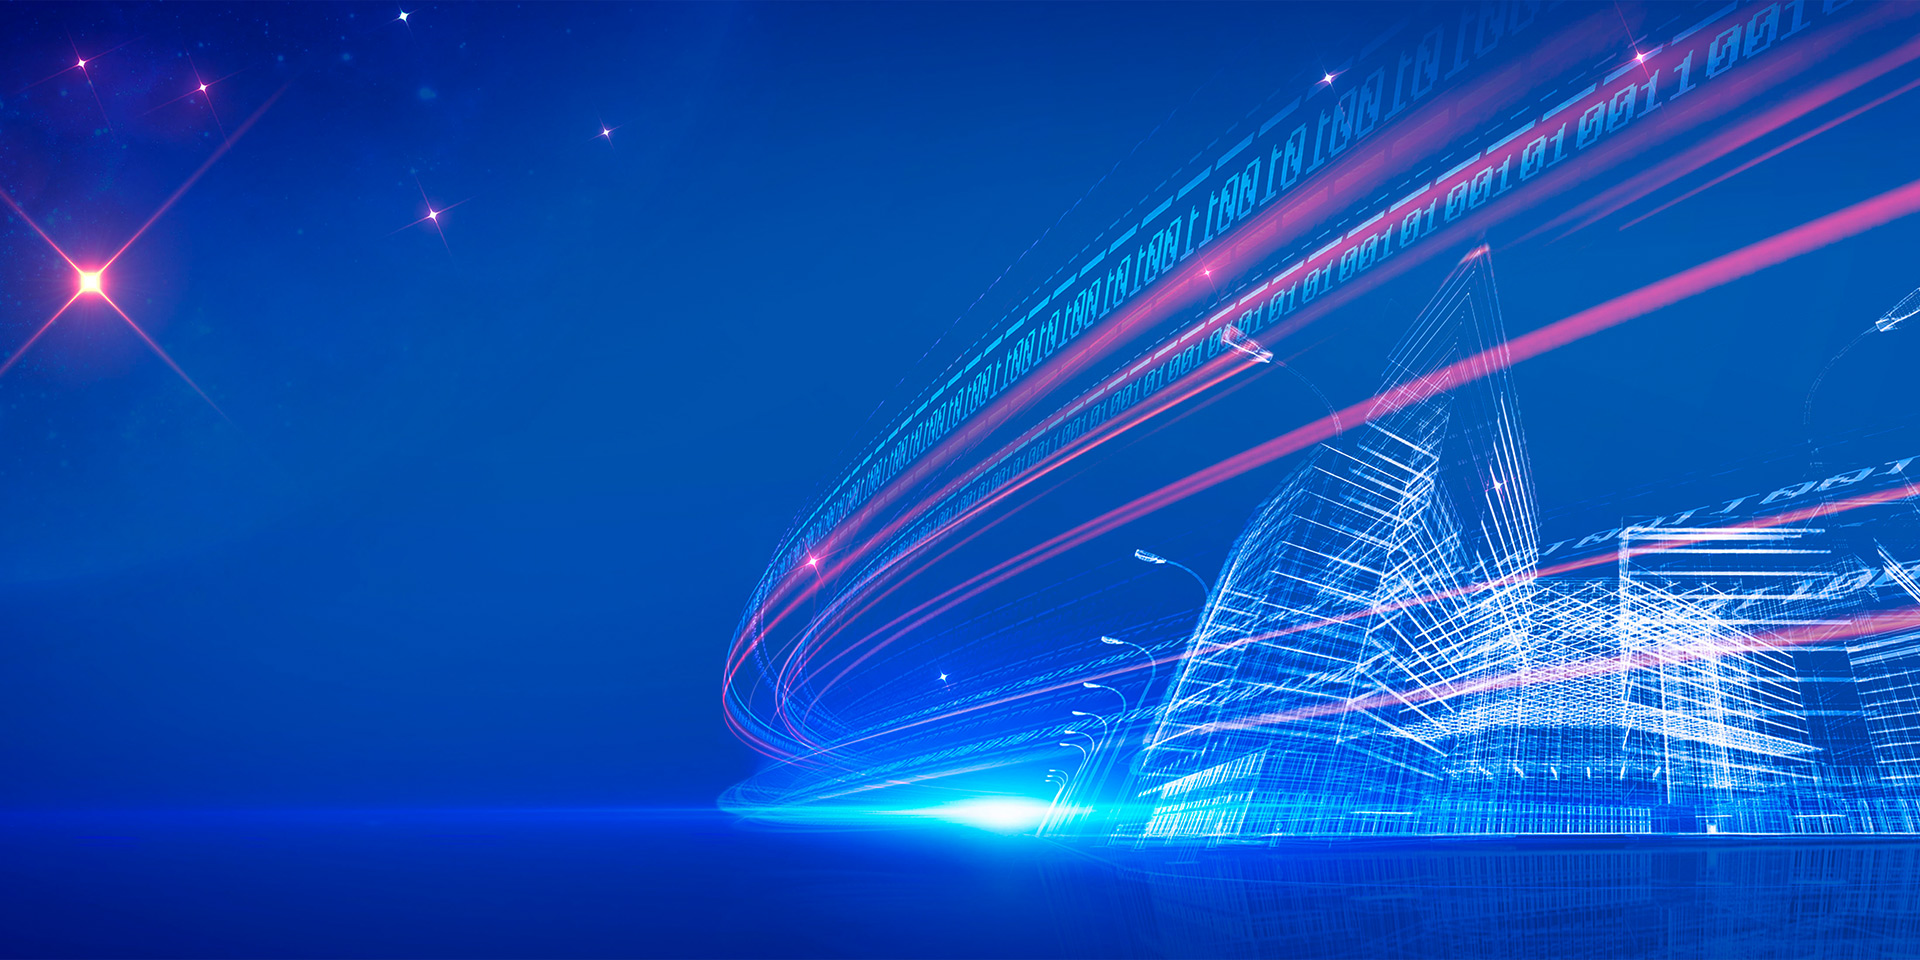 专注ManBetX万博体育官方下载全产业链服务